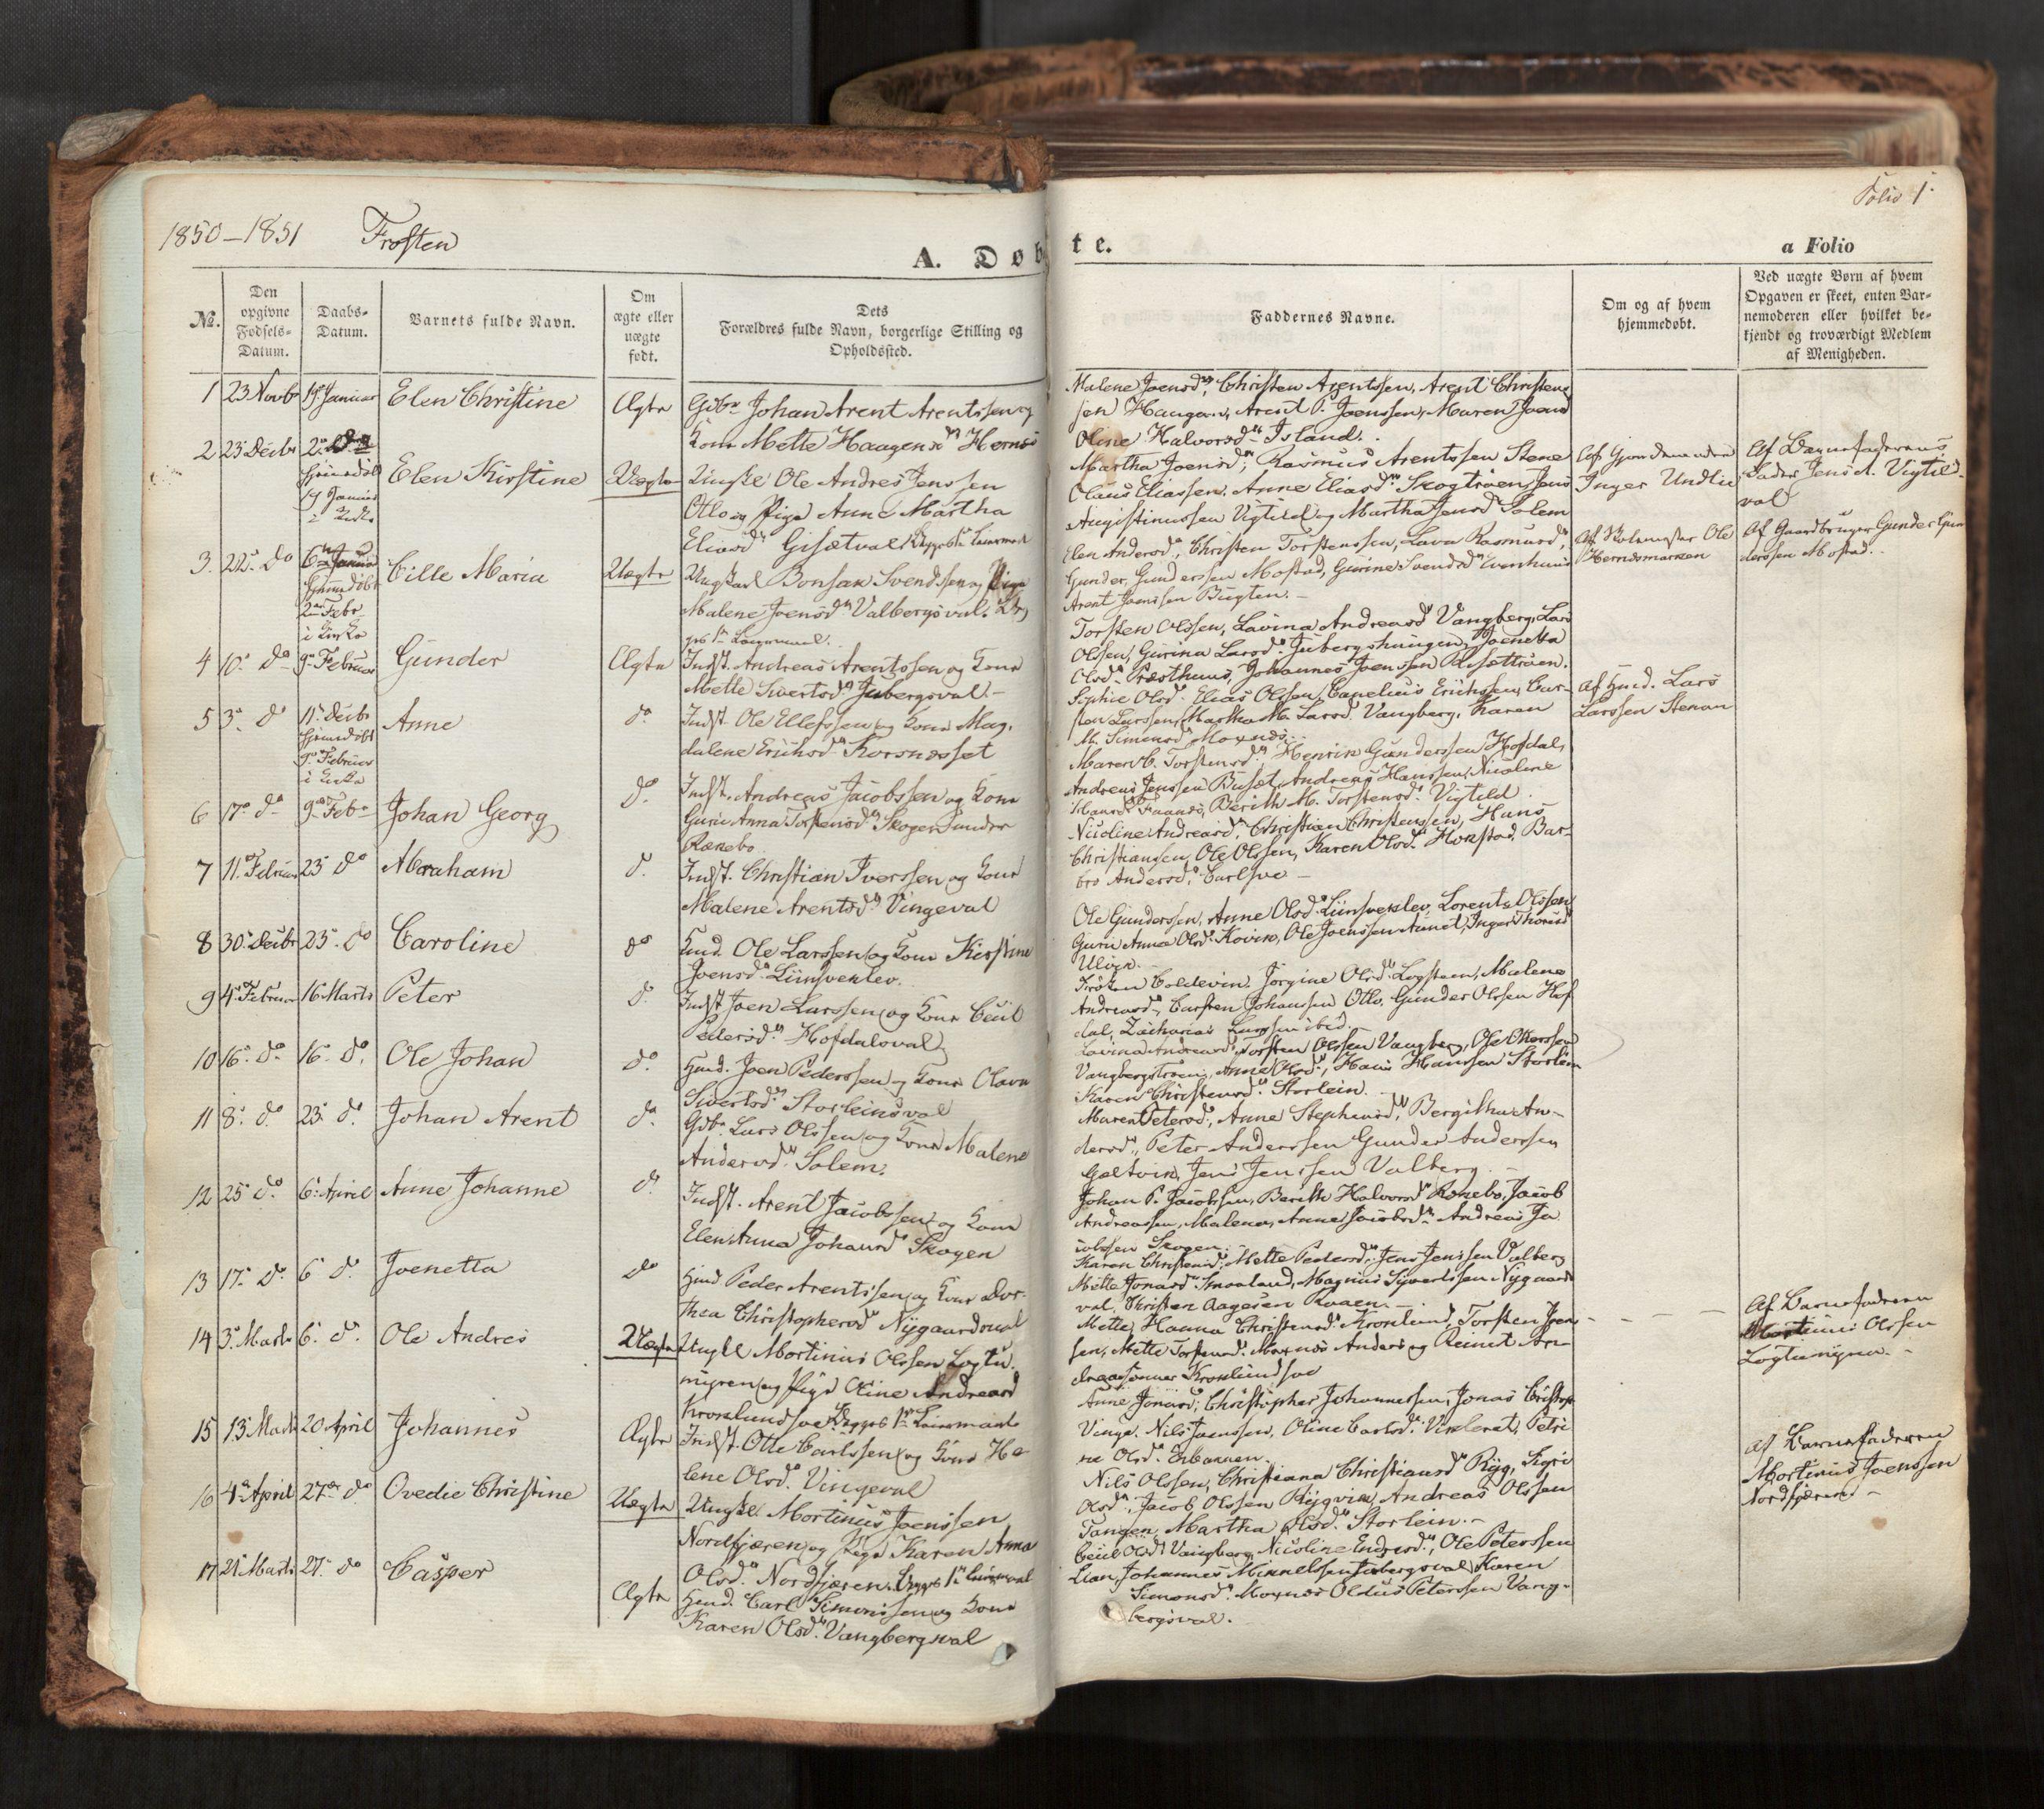 SAT, Ministerialprotokoller, klokkerbøker og fødselsregistre - Nord-Trøndelag, 713/L0116: Ministerialbok nr. 713A07, 1850-1877, s. 1